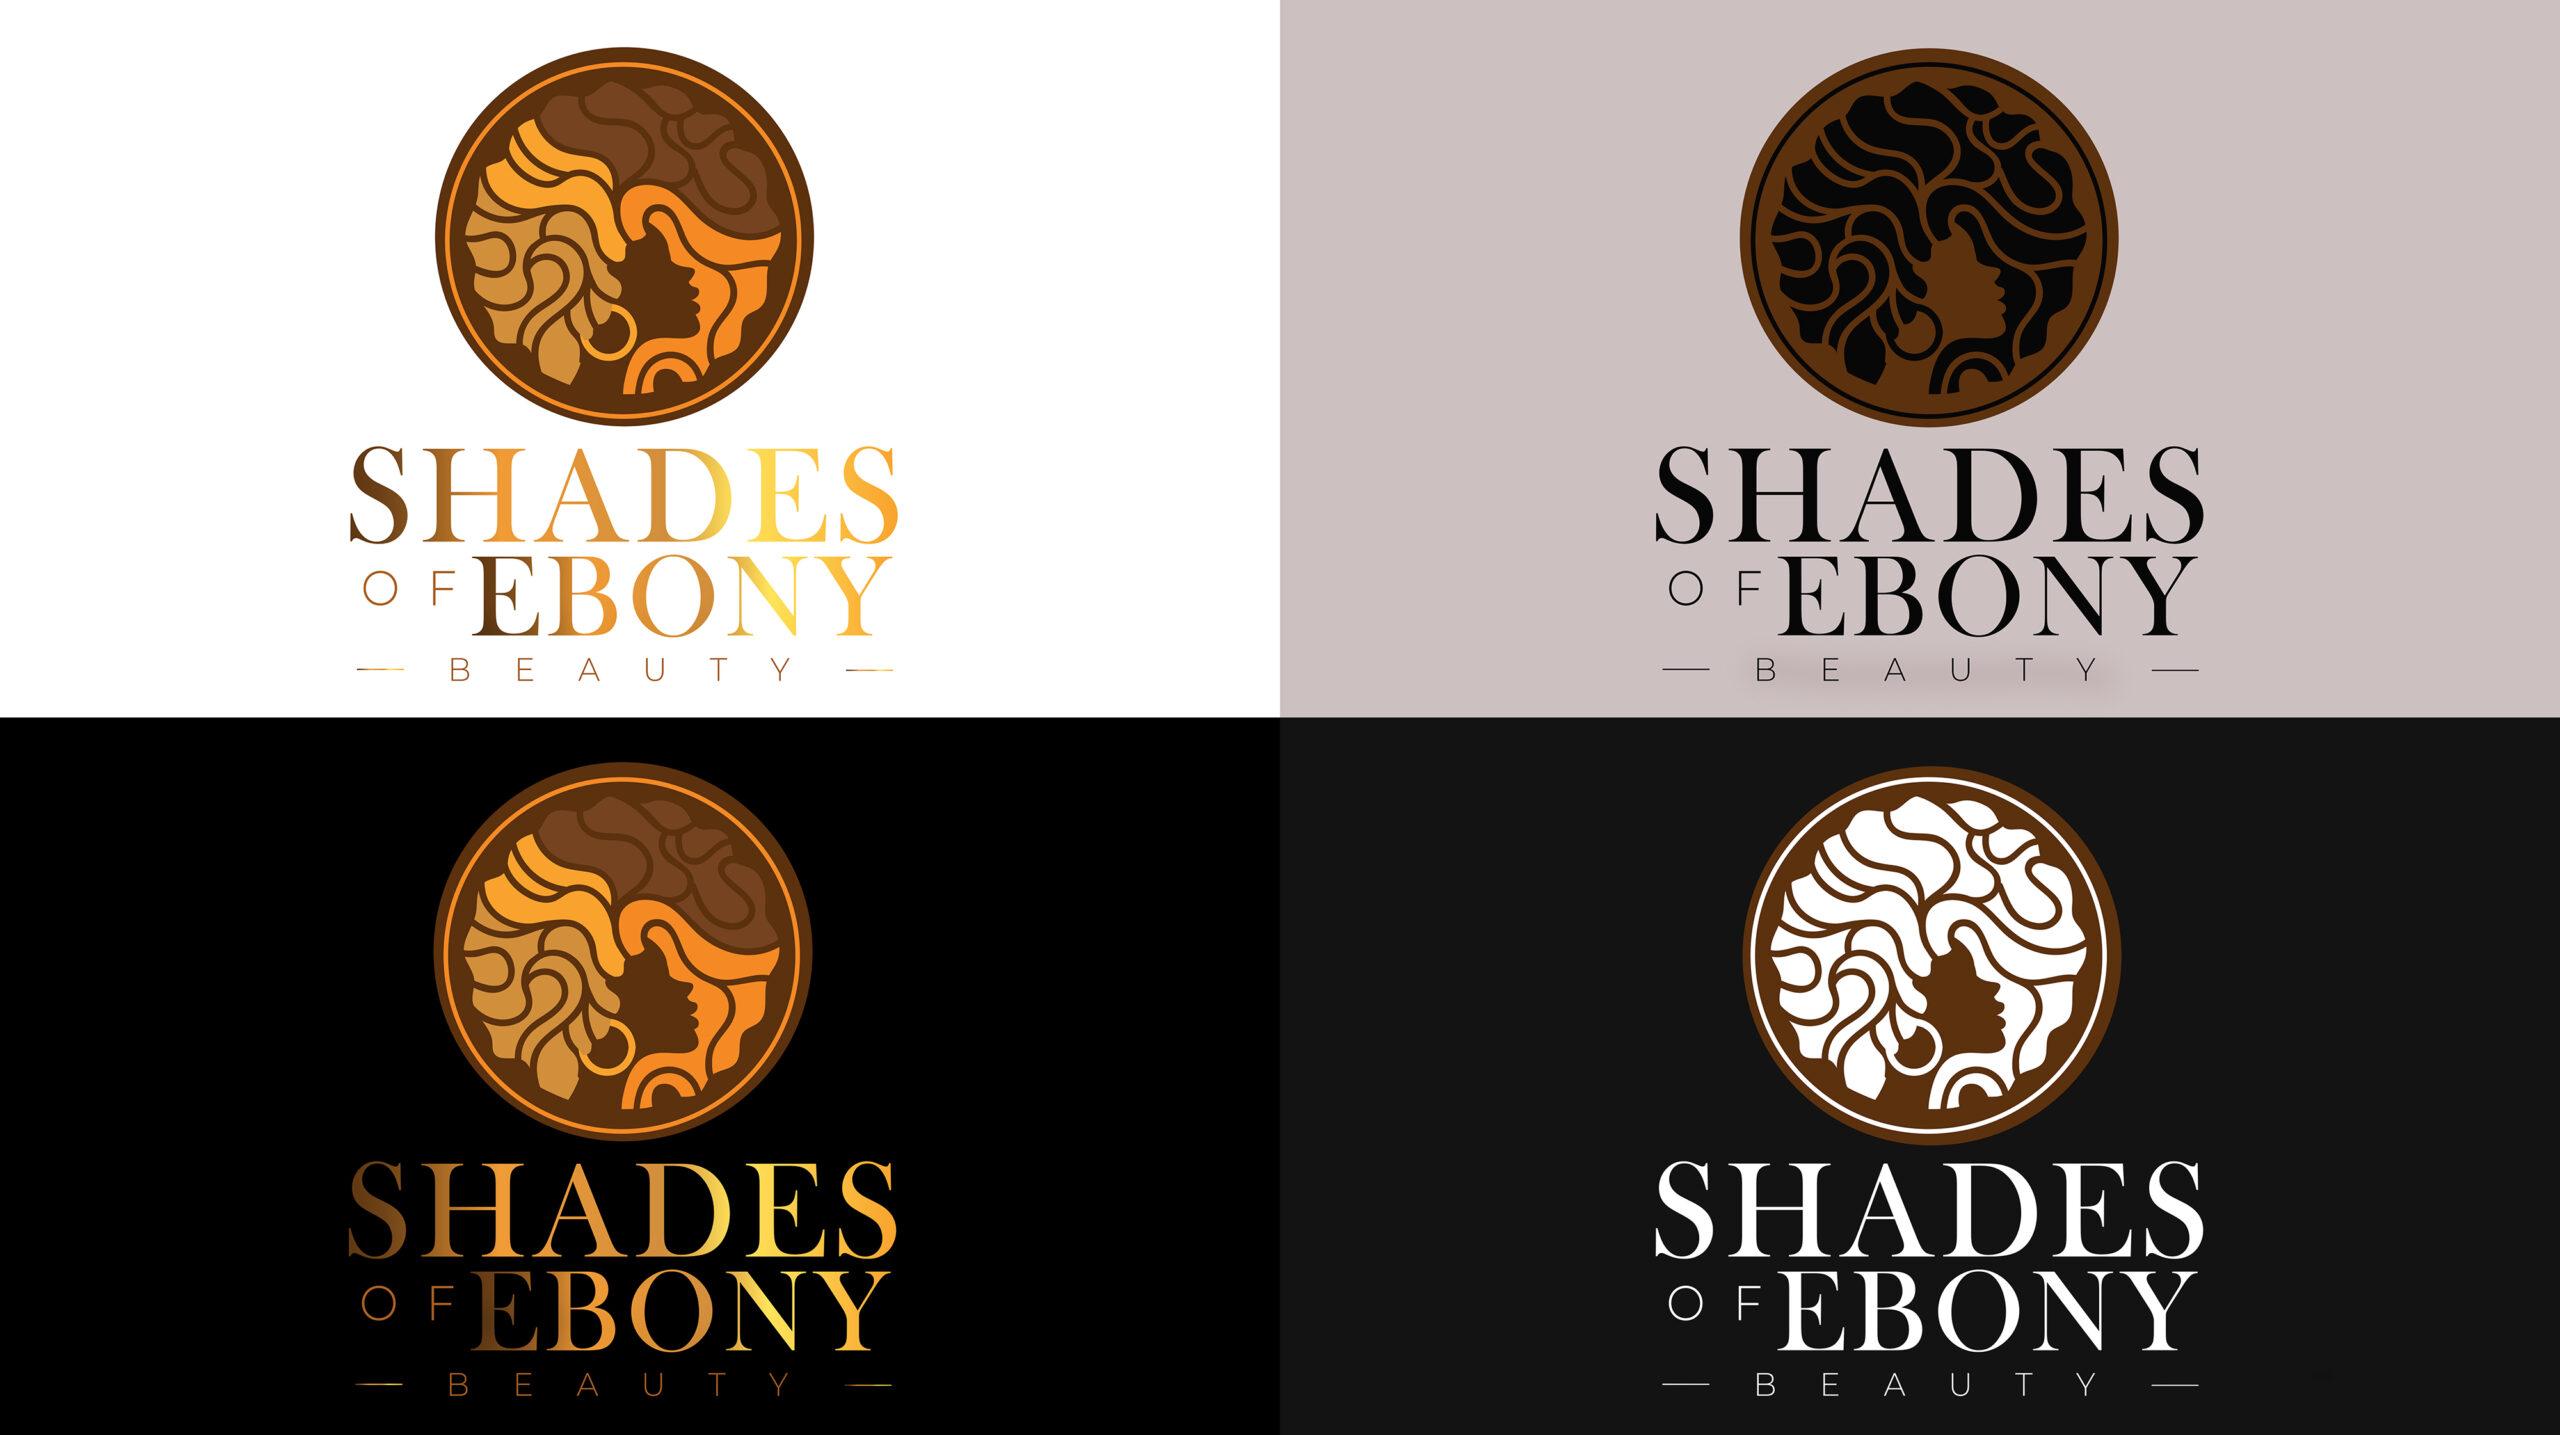 shades-of-ebony-logo-variants